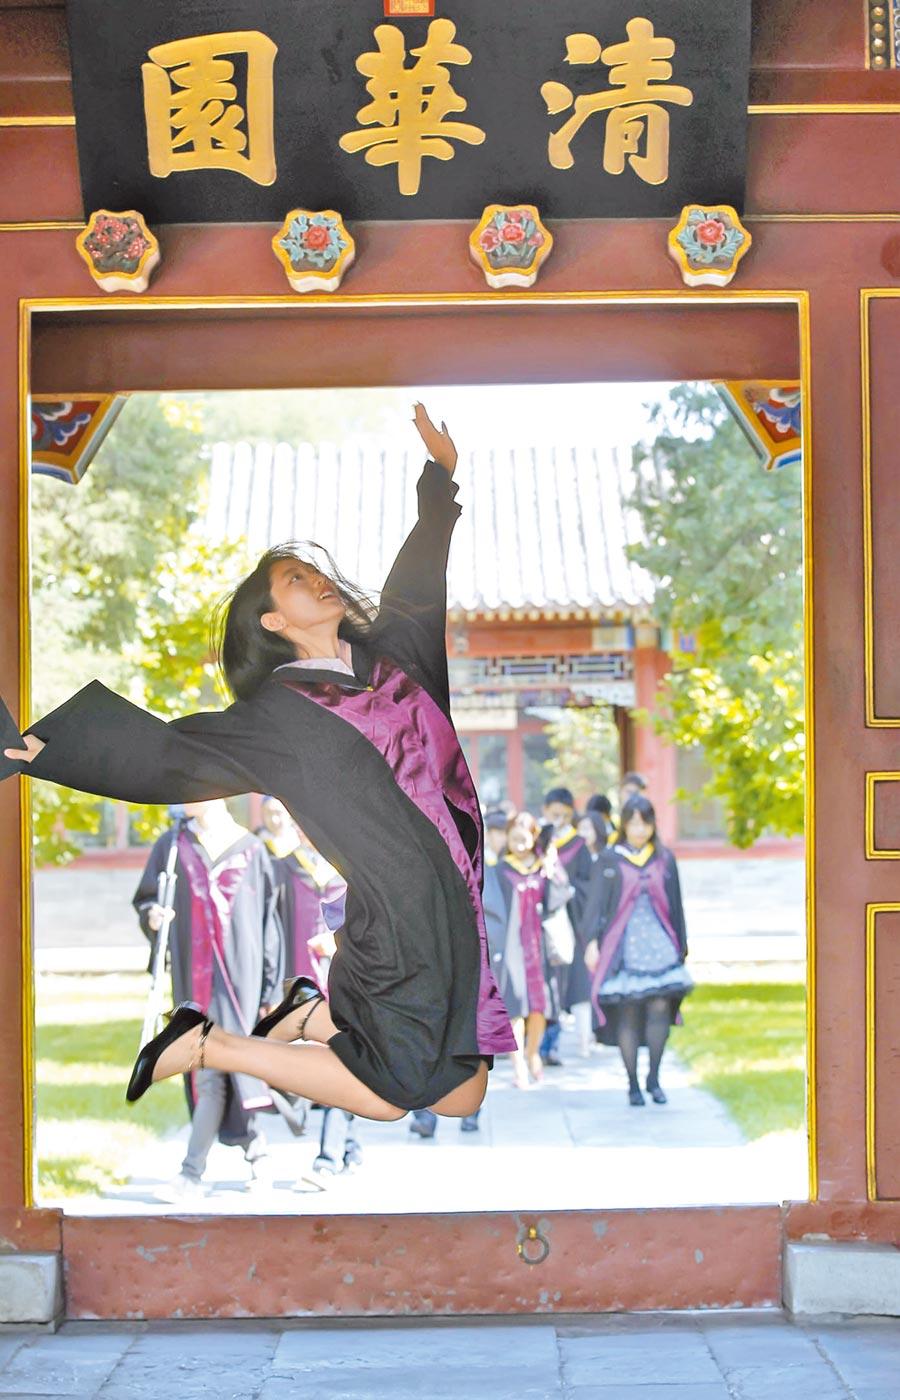 北京清華大學畢業生在校園內拍攝畢業照。(CFP)